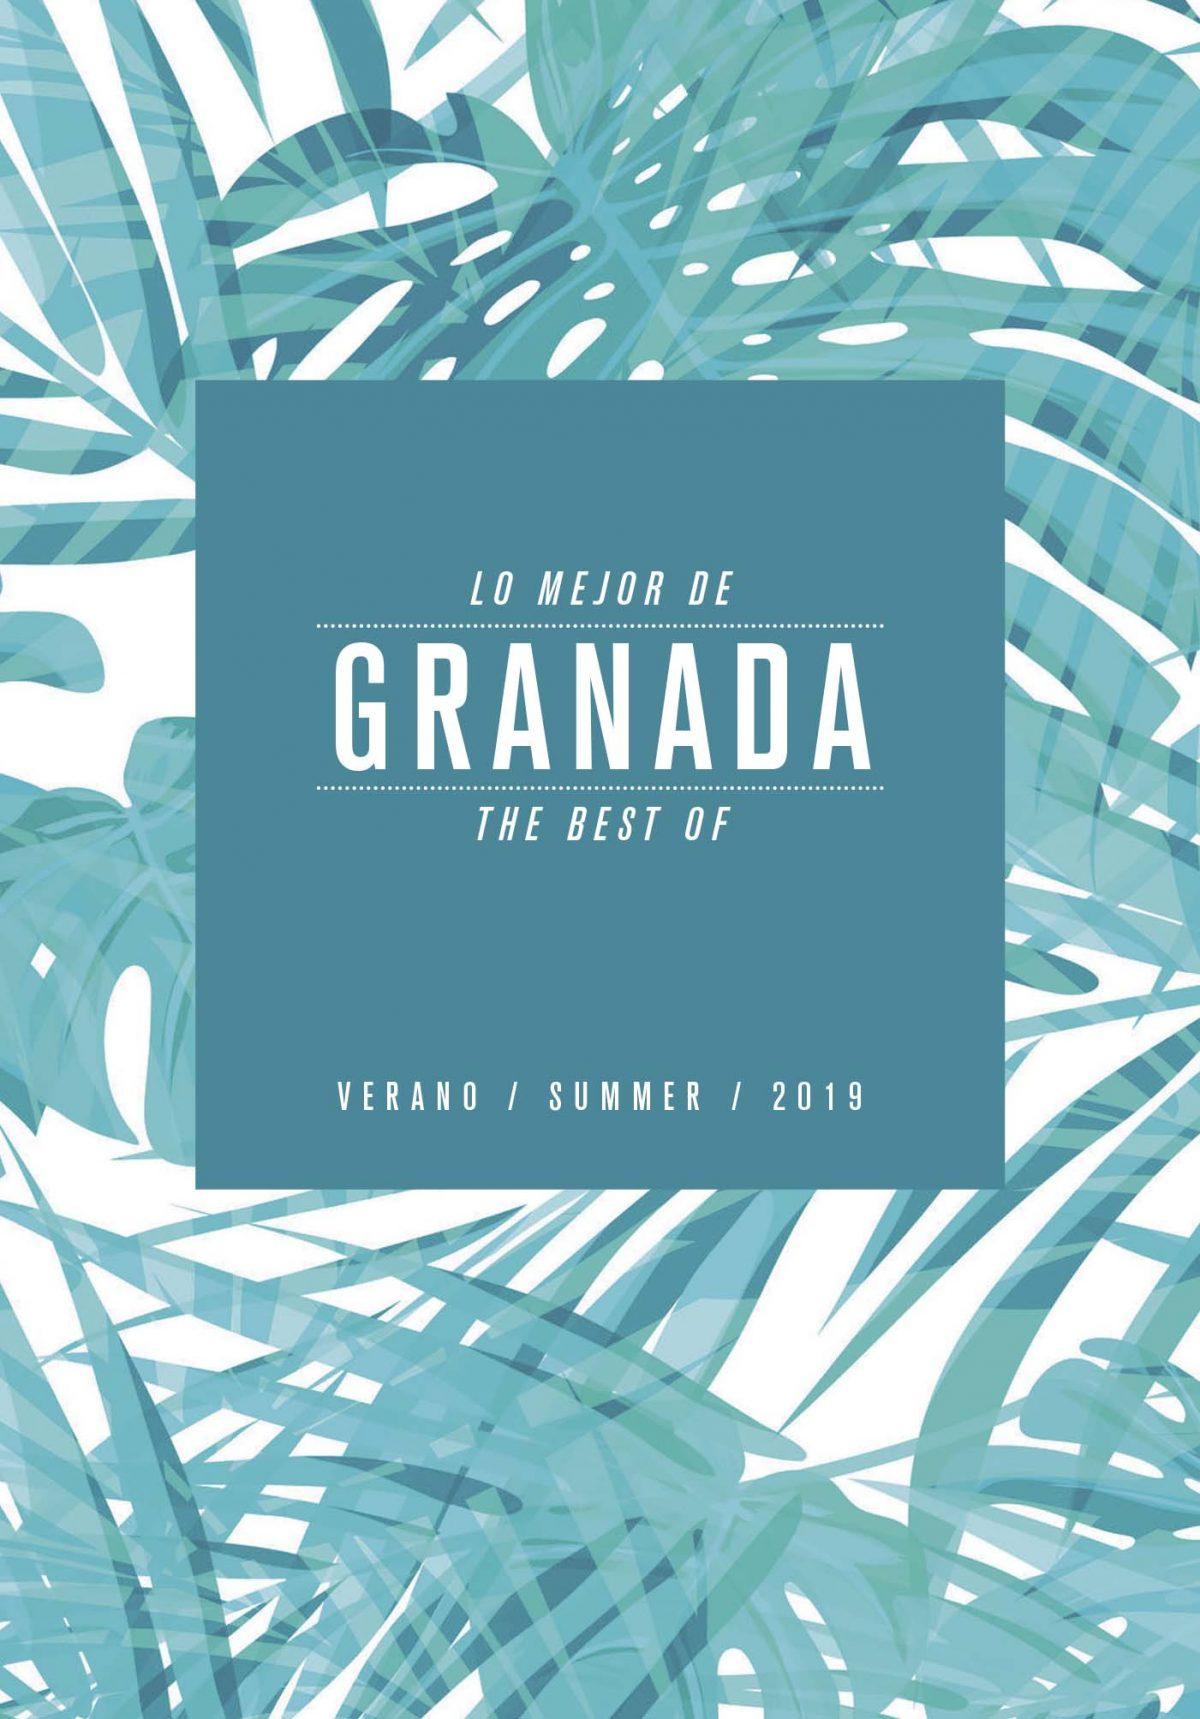 LO-MEJOR-DE-GRANADA-VERANO-2019